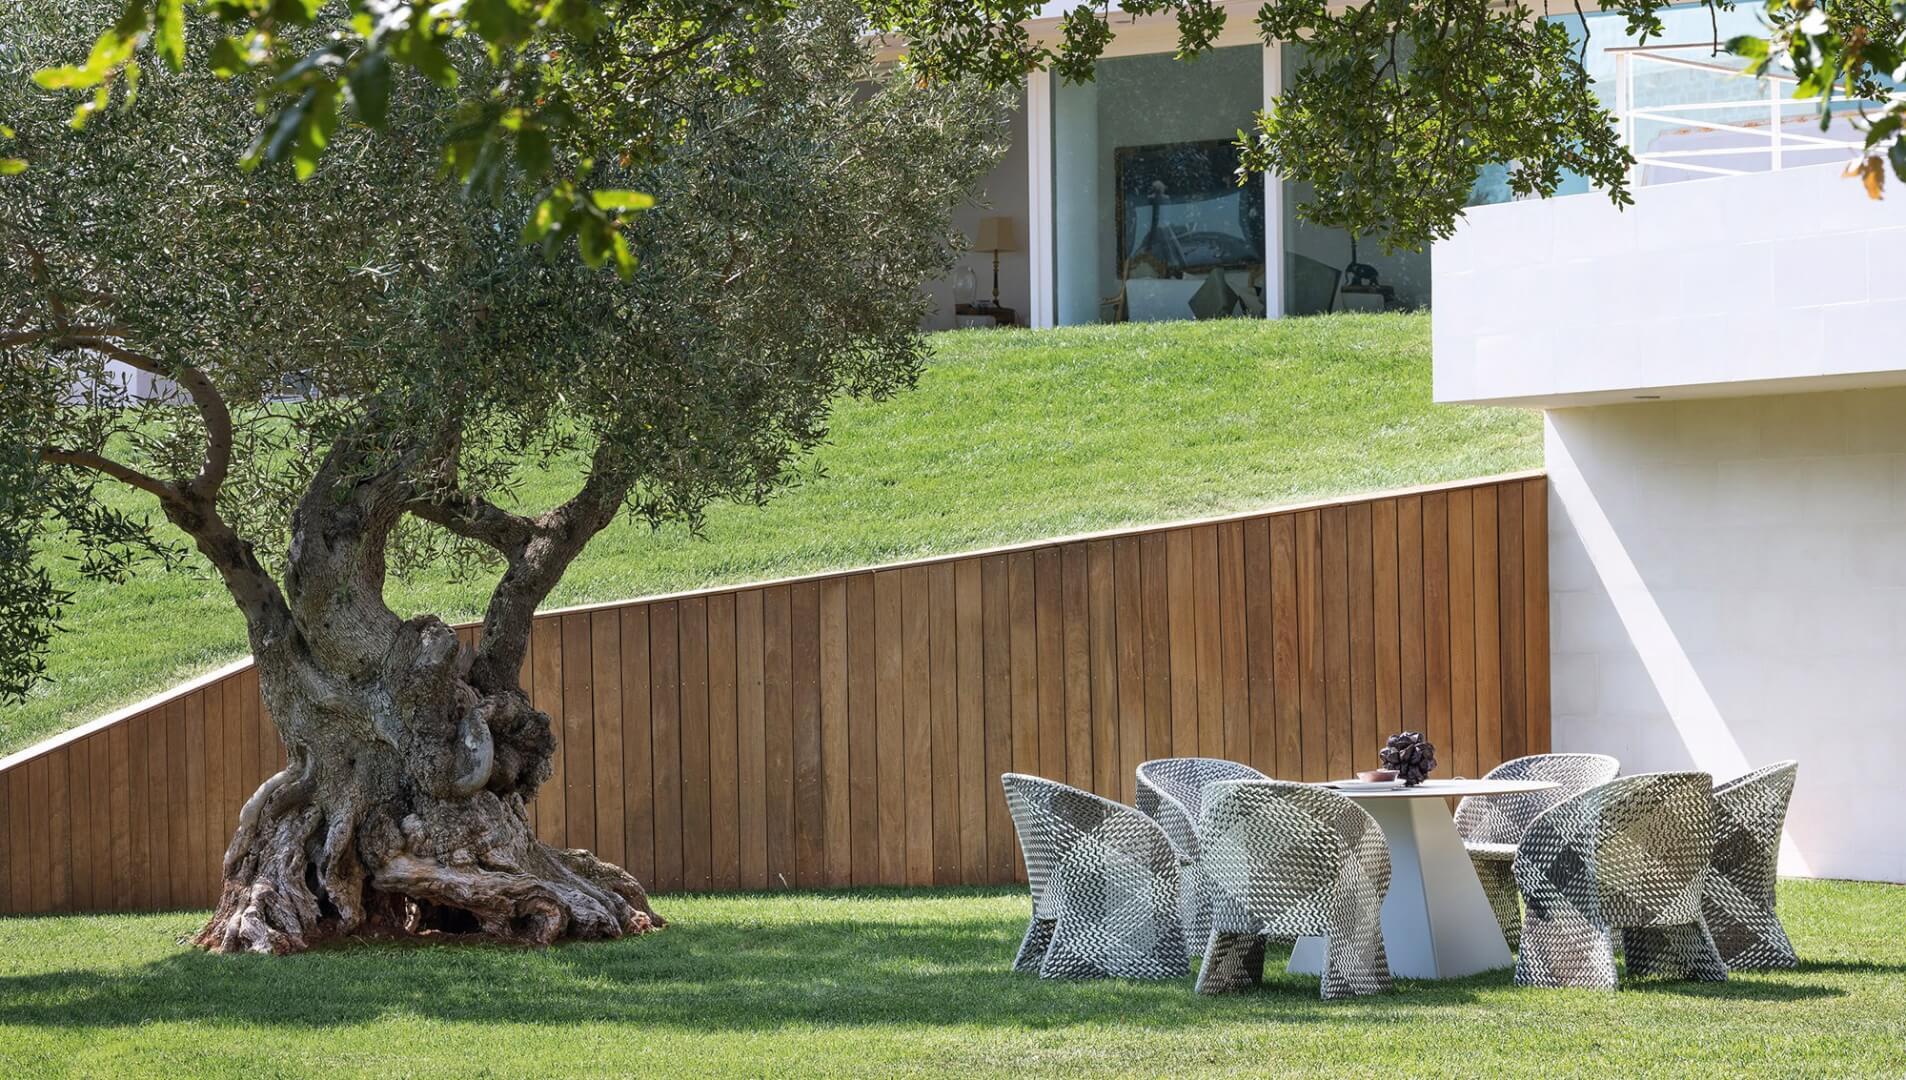 Poltrona Outdoor Maat Varaschin - Devincenti negozio di arredamento e design Mantova